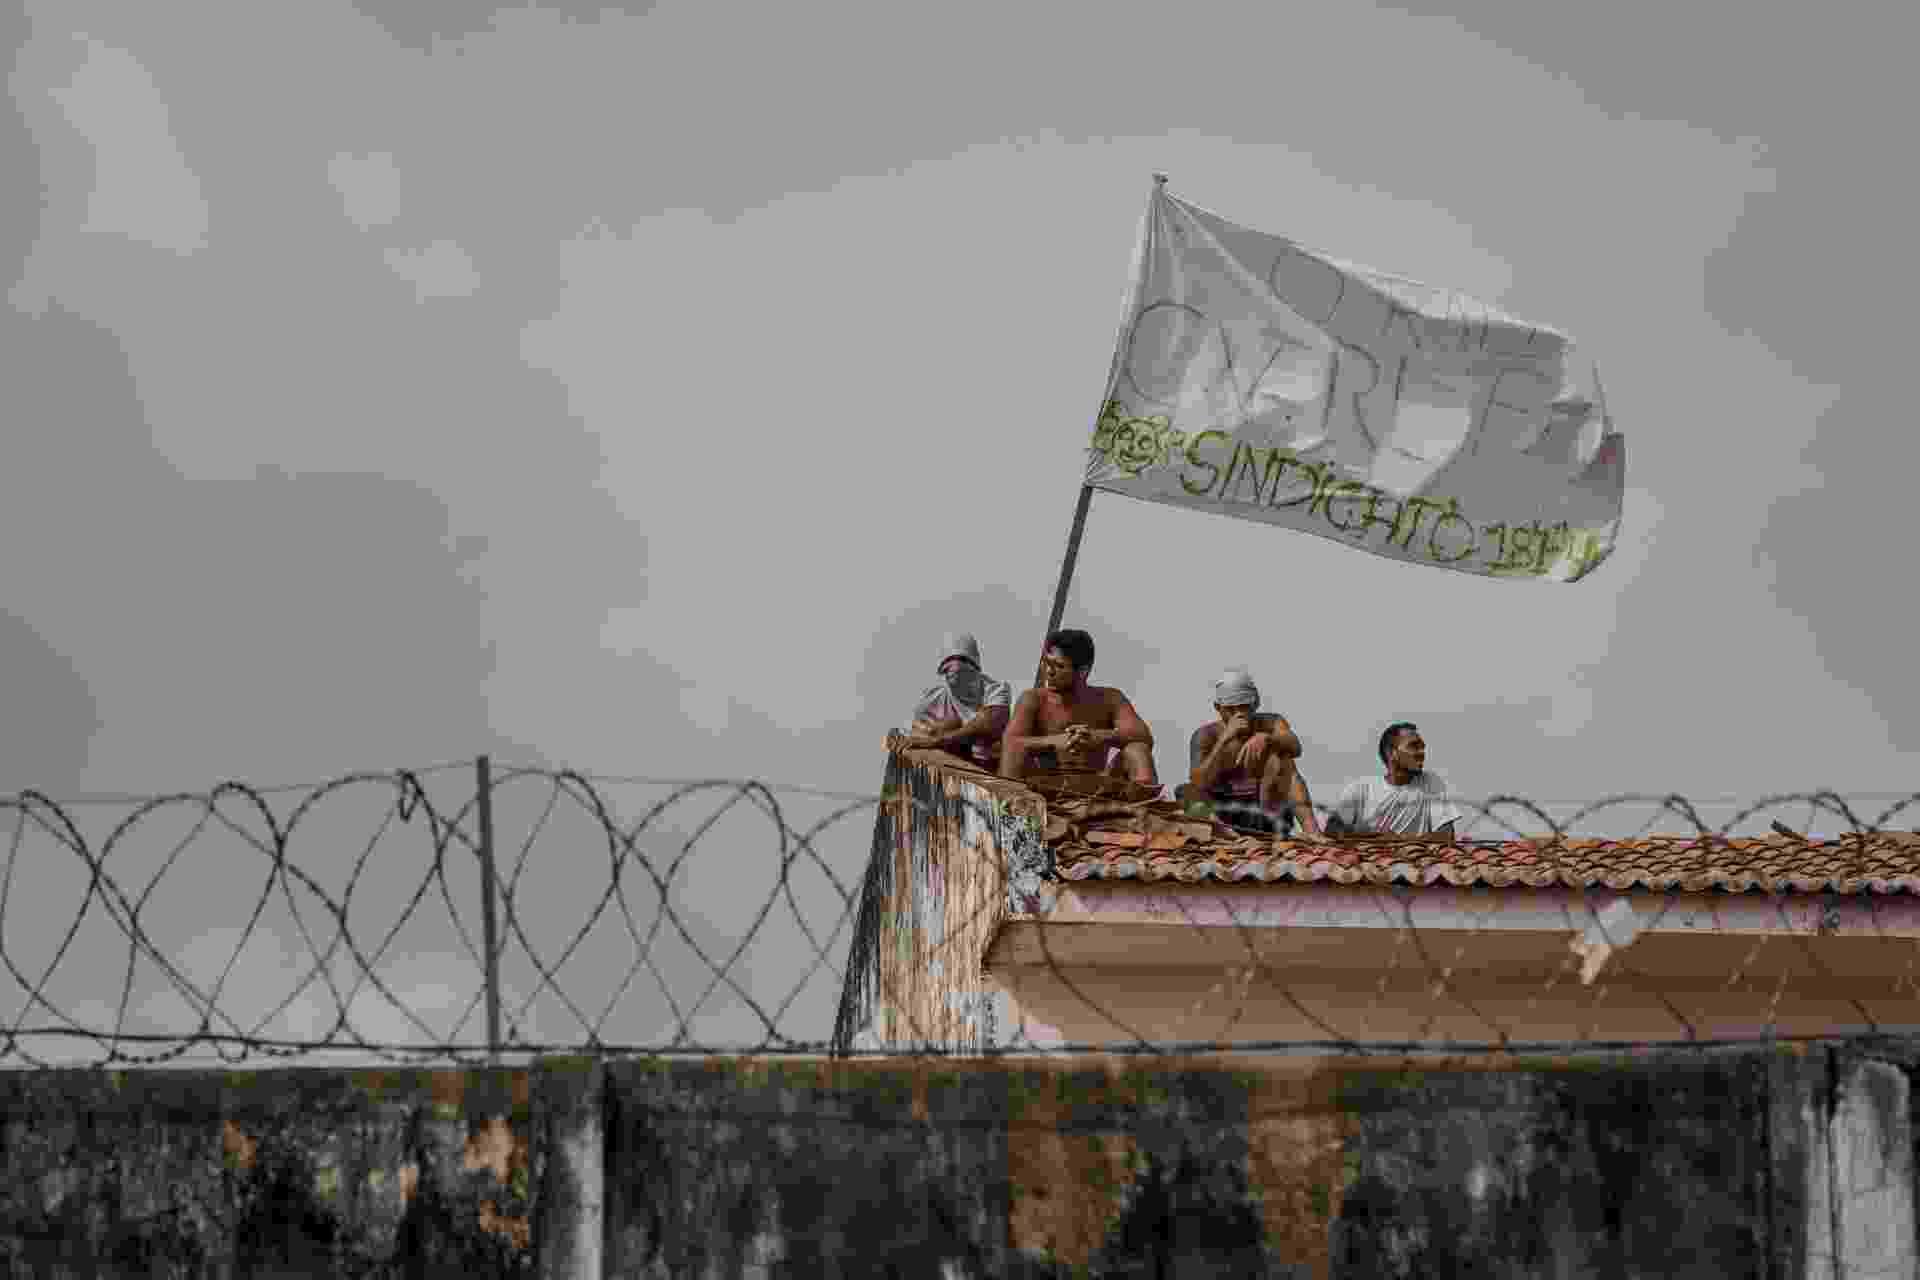 17.jan.2017 - Detentos do presídio de Alcaçuz, na região metropolitana de Natal, continuavam livres dentro dos pavilhões e ainda ocupavam os telhados da detenção na manhã desta terça. Apesar disso, o governador do Rio Grande do Norte, Robinson Faria (PSD), afirmou que a situação está sob controle - Avener Prado/Folhapress